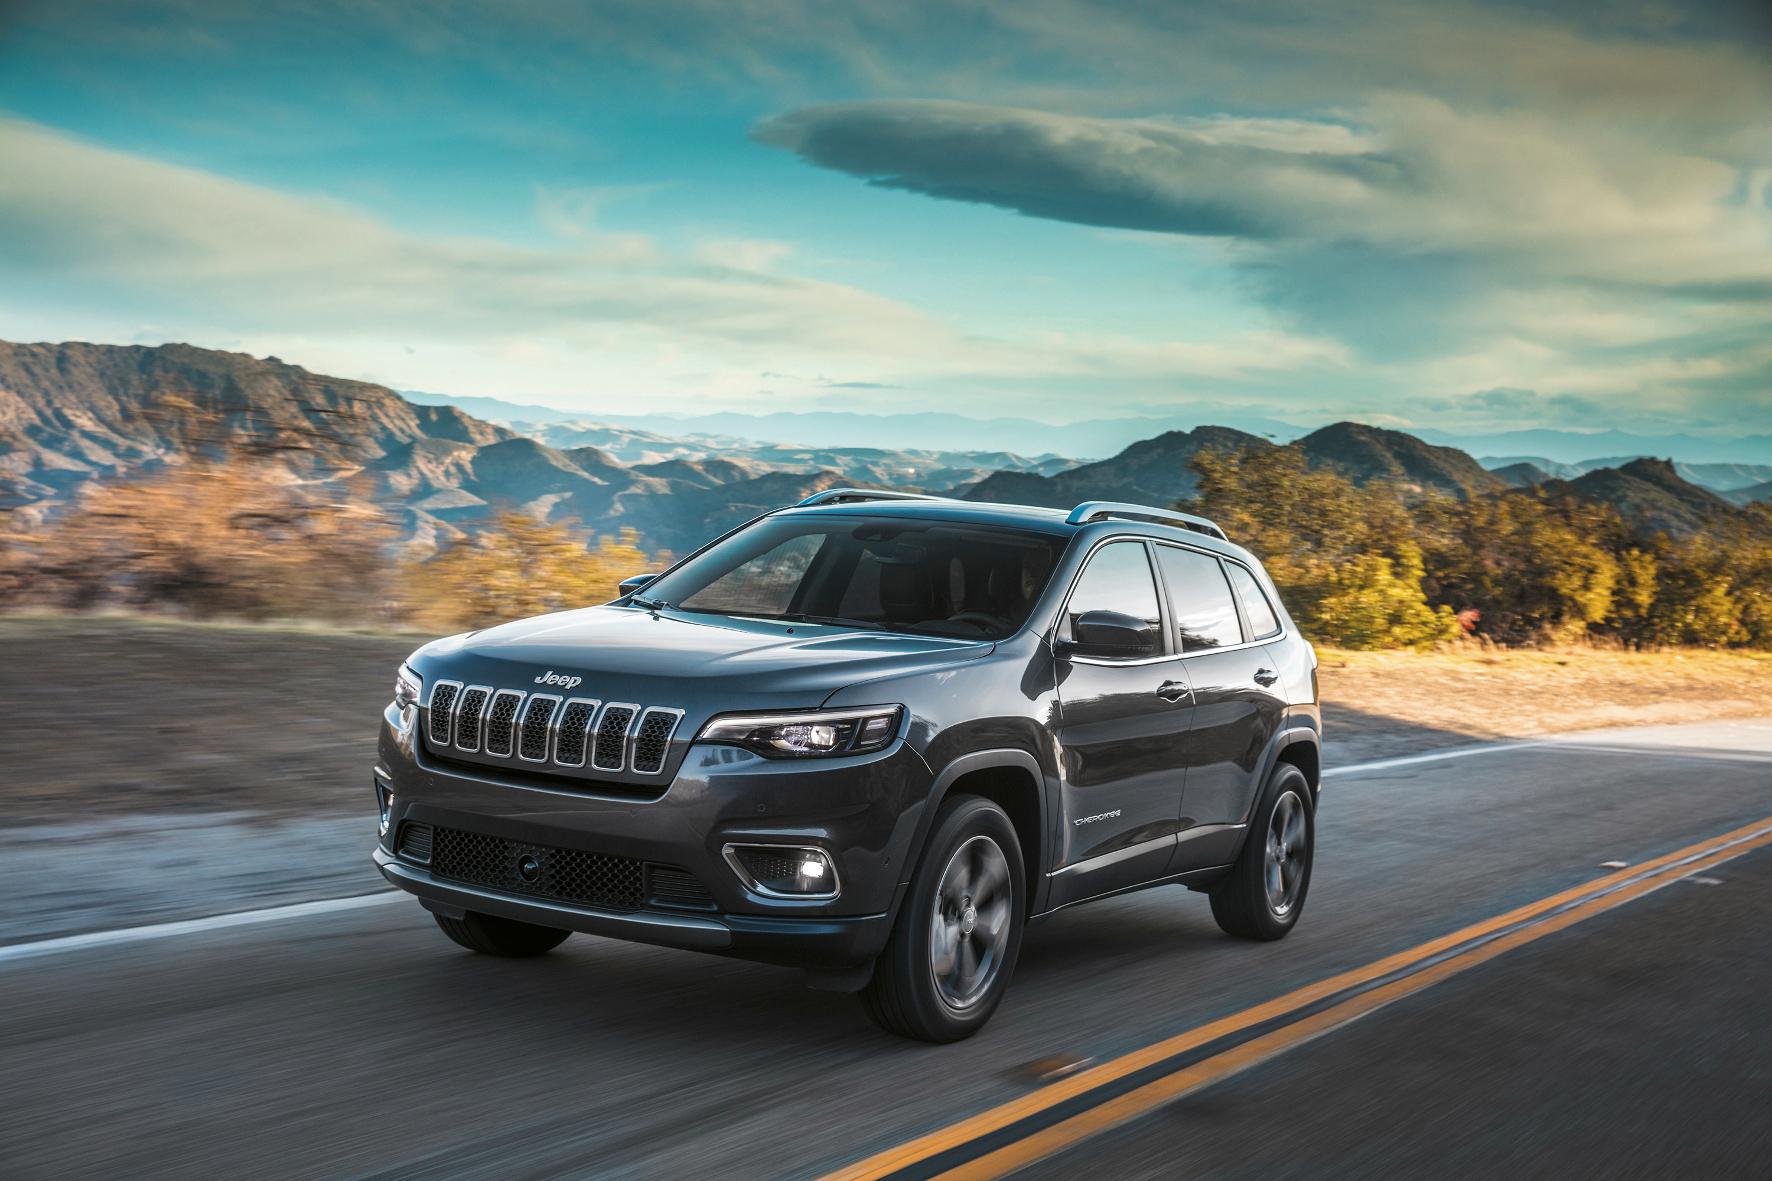 Jeep präsentiert den neuen Wrangler in seiner vierten Generation und den neuen Cherokee. Gleichzeitig teilen sich noch der stärkste Jeep SUV, der Grand Cherokee Trackhawk mit 700 PS sowie der neue Compass Night Eagle die Standfläche.